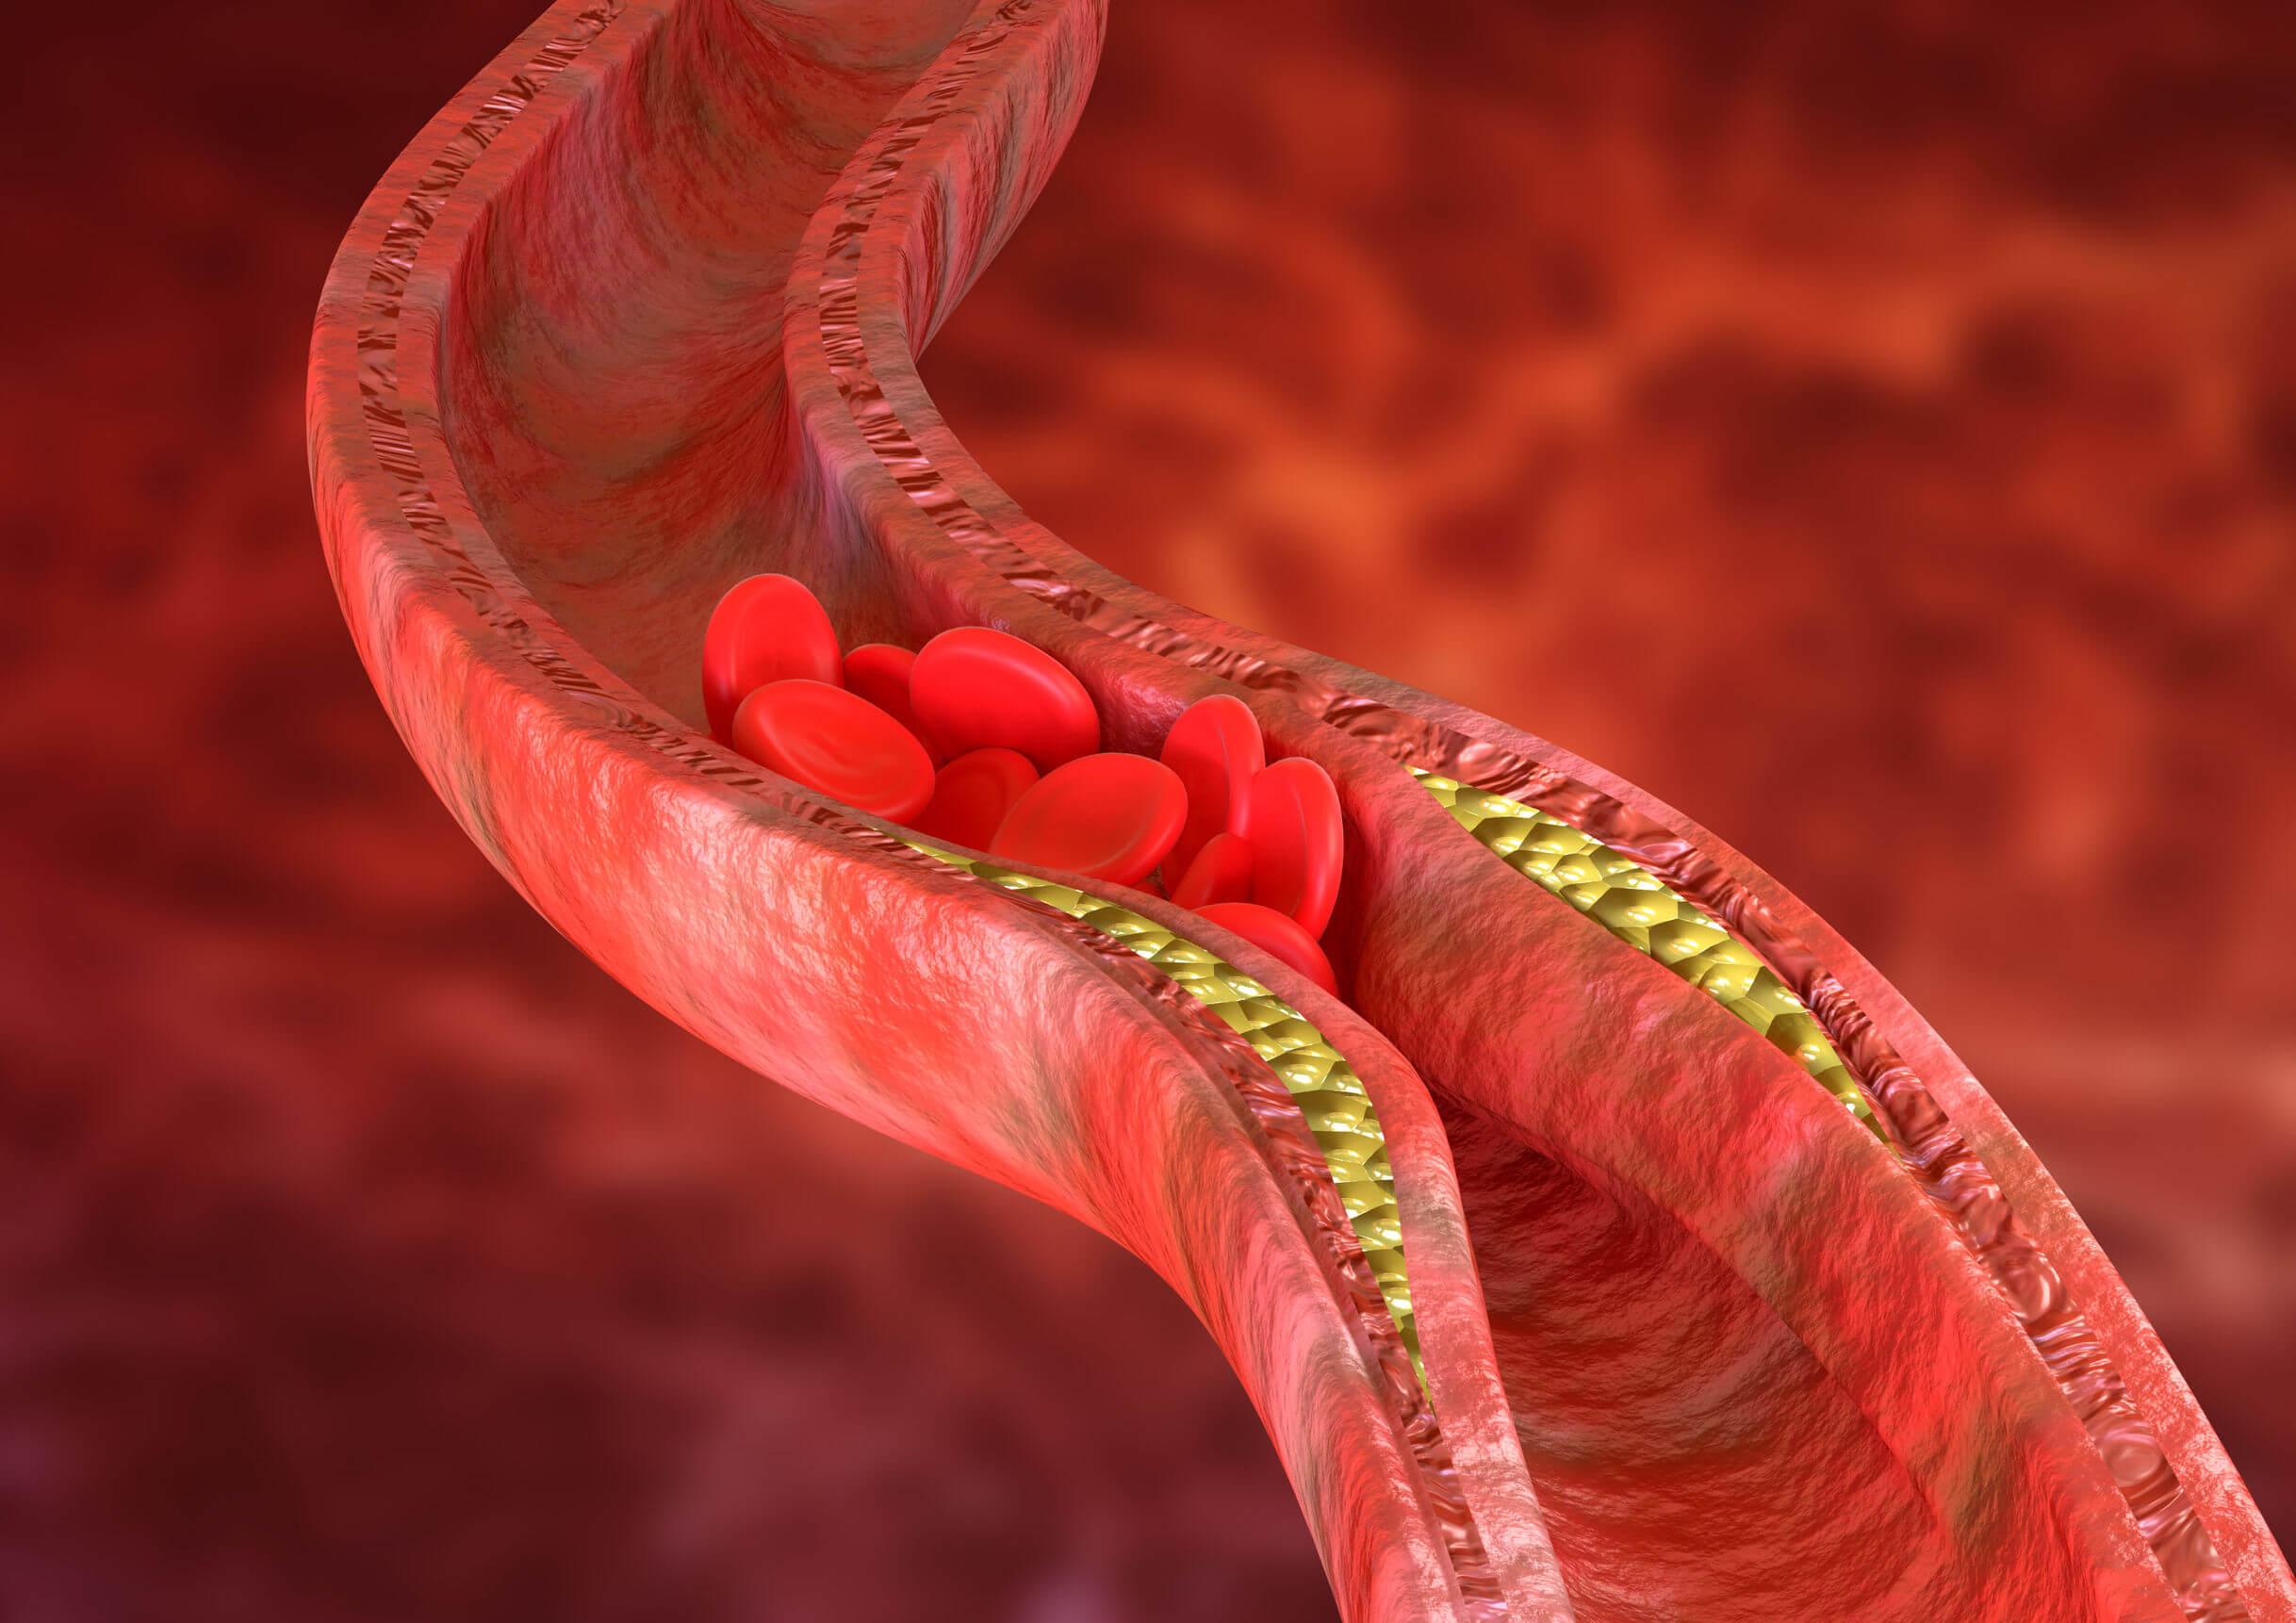 La simvastatina è un farmaco usato per trattare l'aterosclerosi.